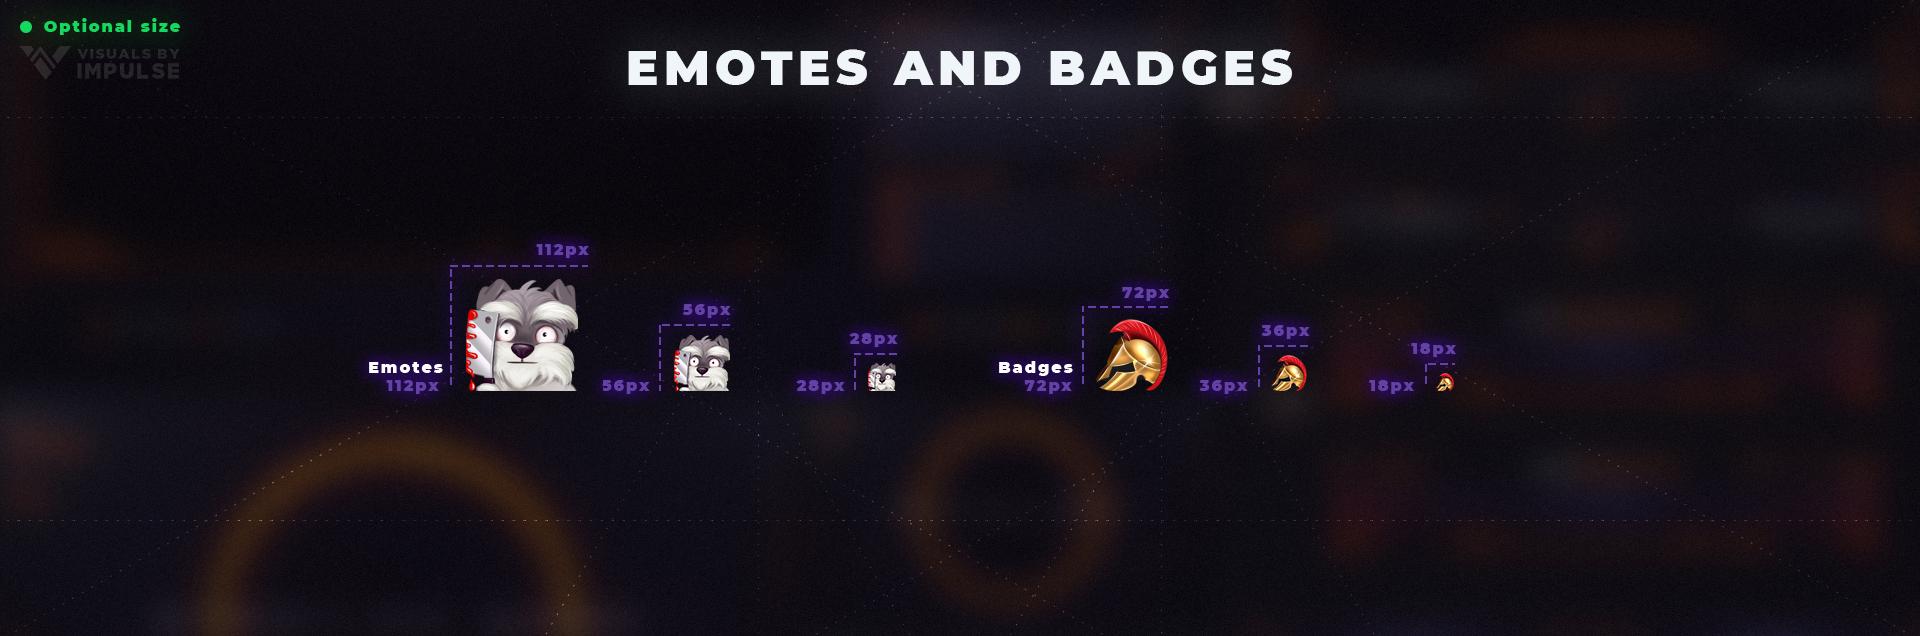 Emotes Badges